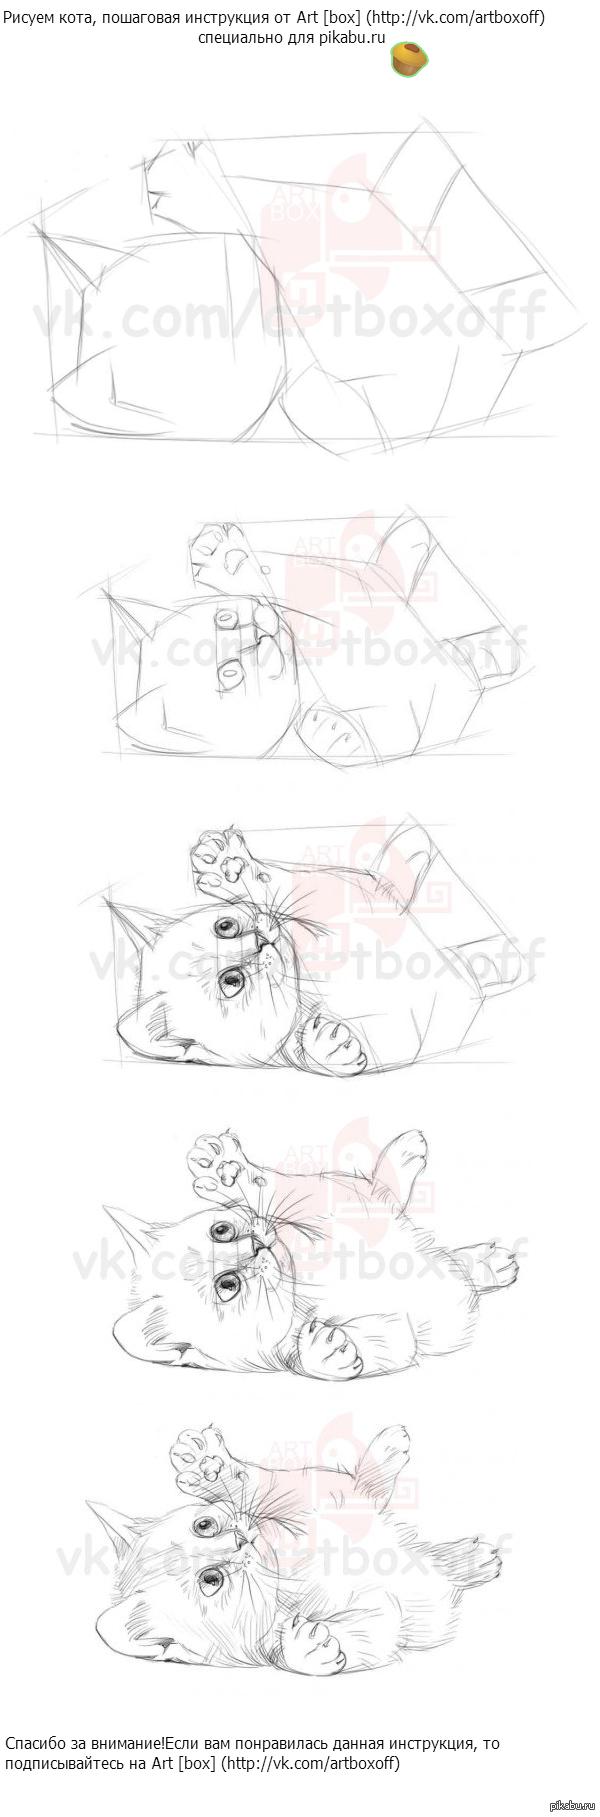 пошаговые рисунки карандашом аниме: